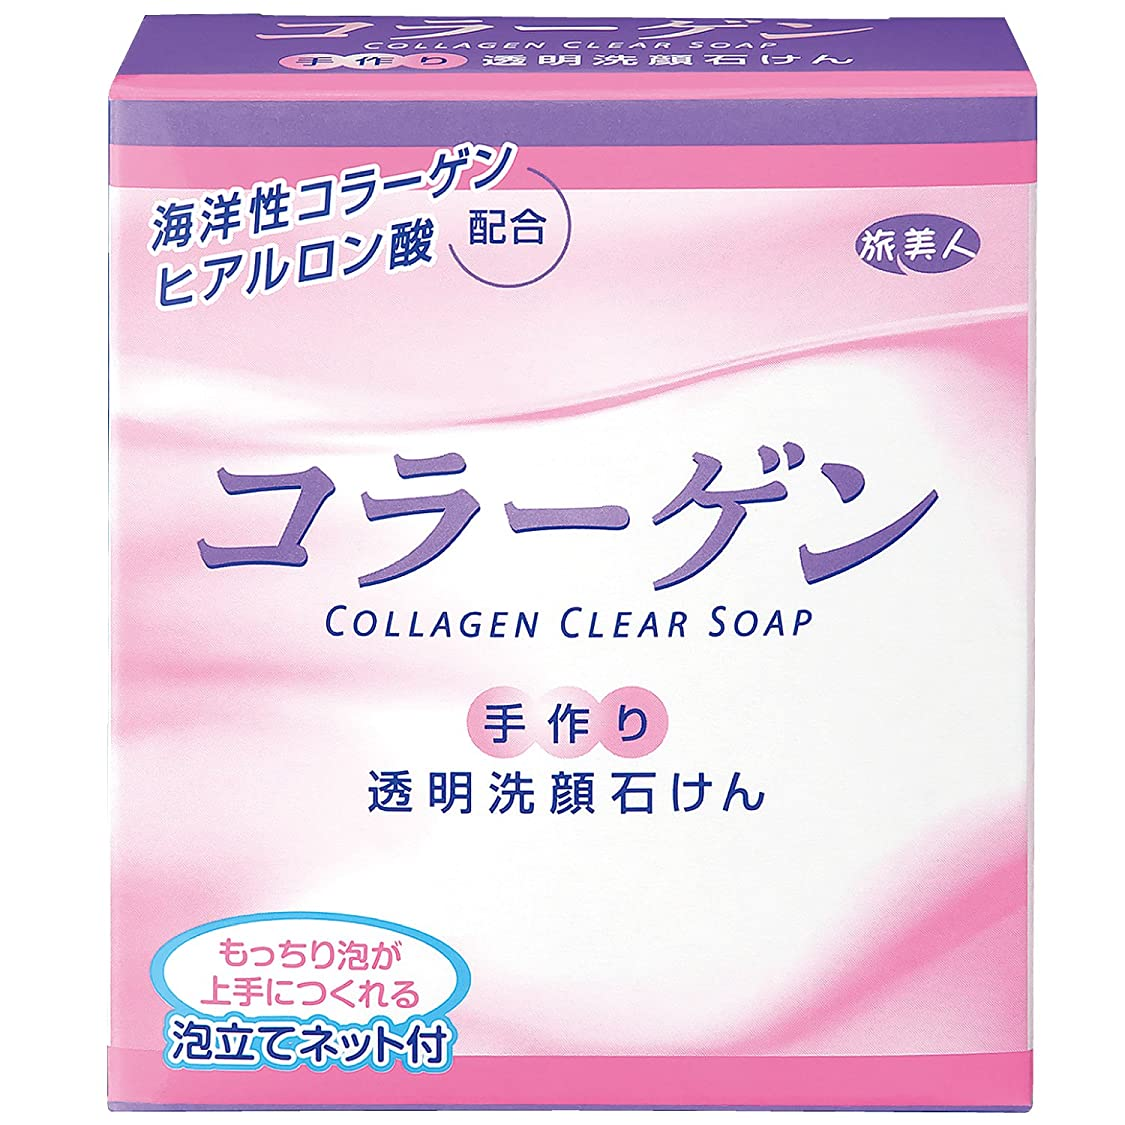 テンポ大腿中でアズマ商事の コラーゲン透明洗顔石鹸 手作り